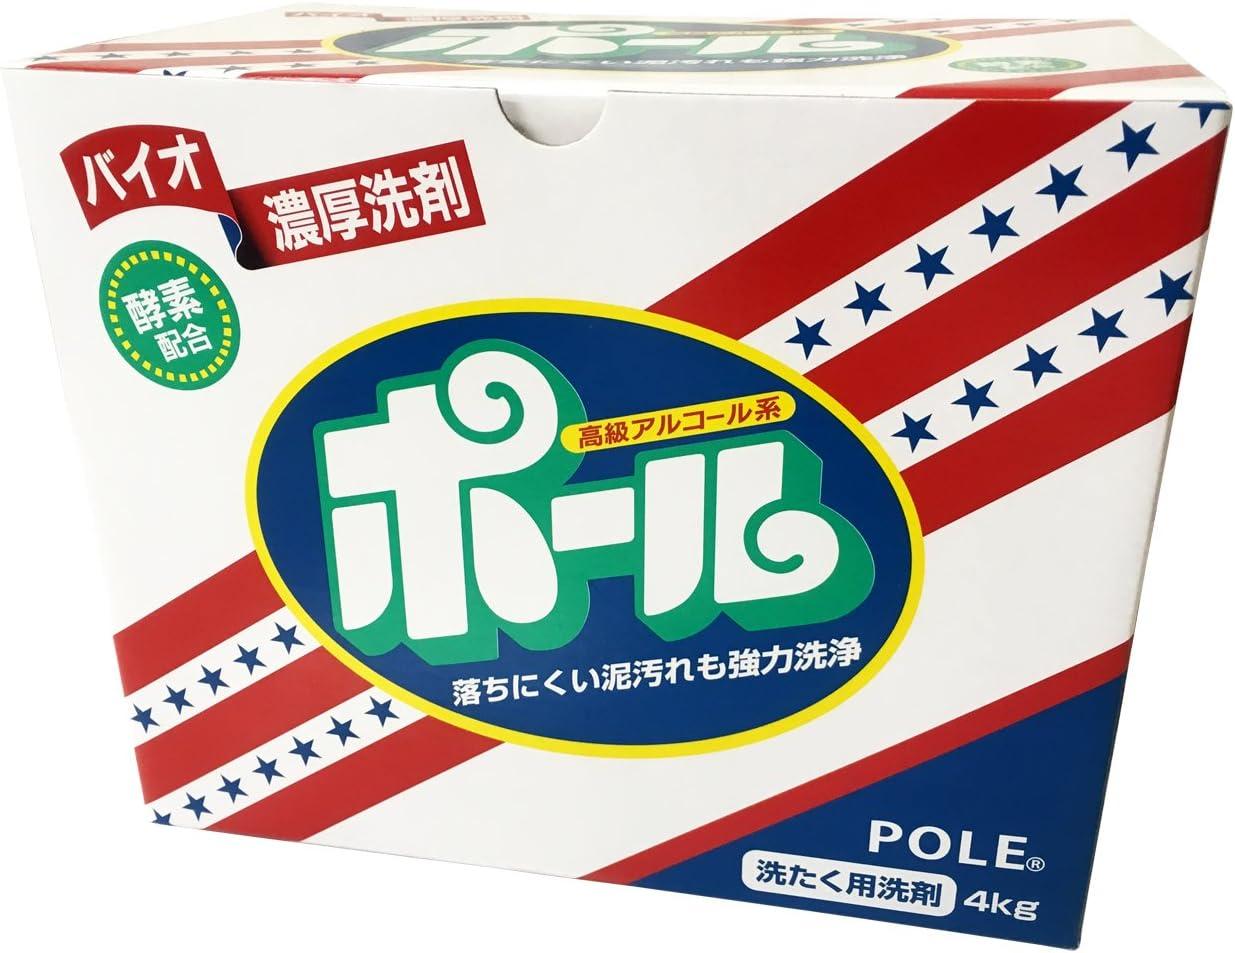 バイオ濃厚洗剤 ポール(酵素配合) 4kg